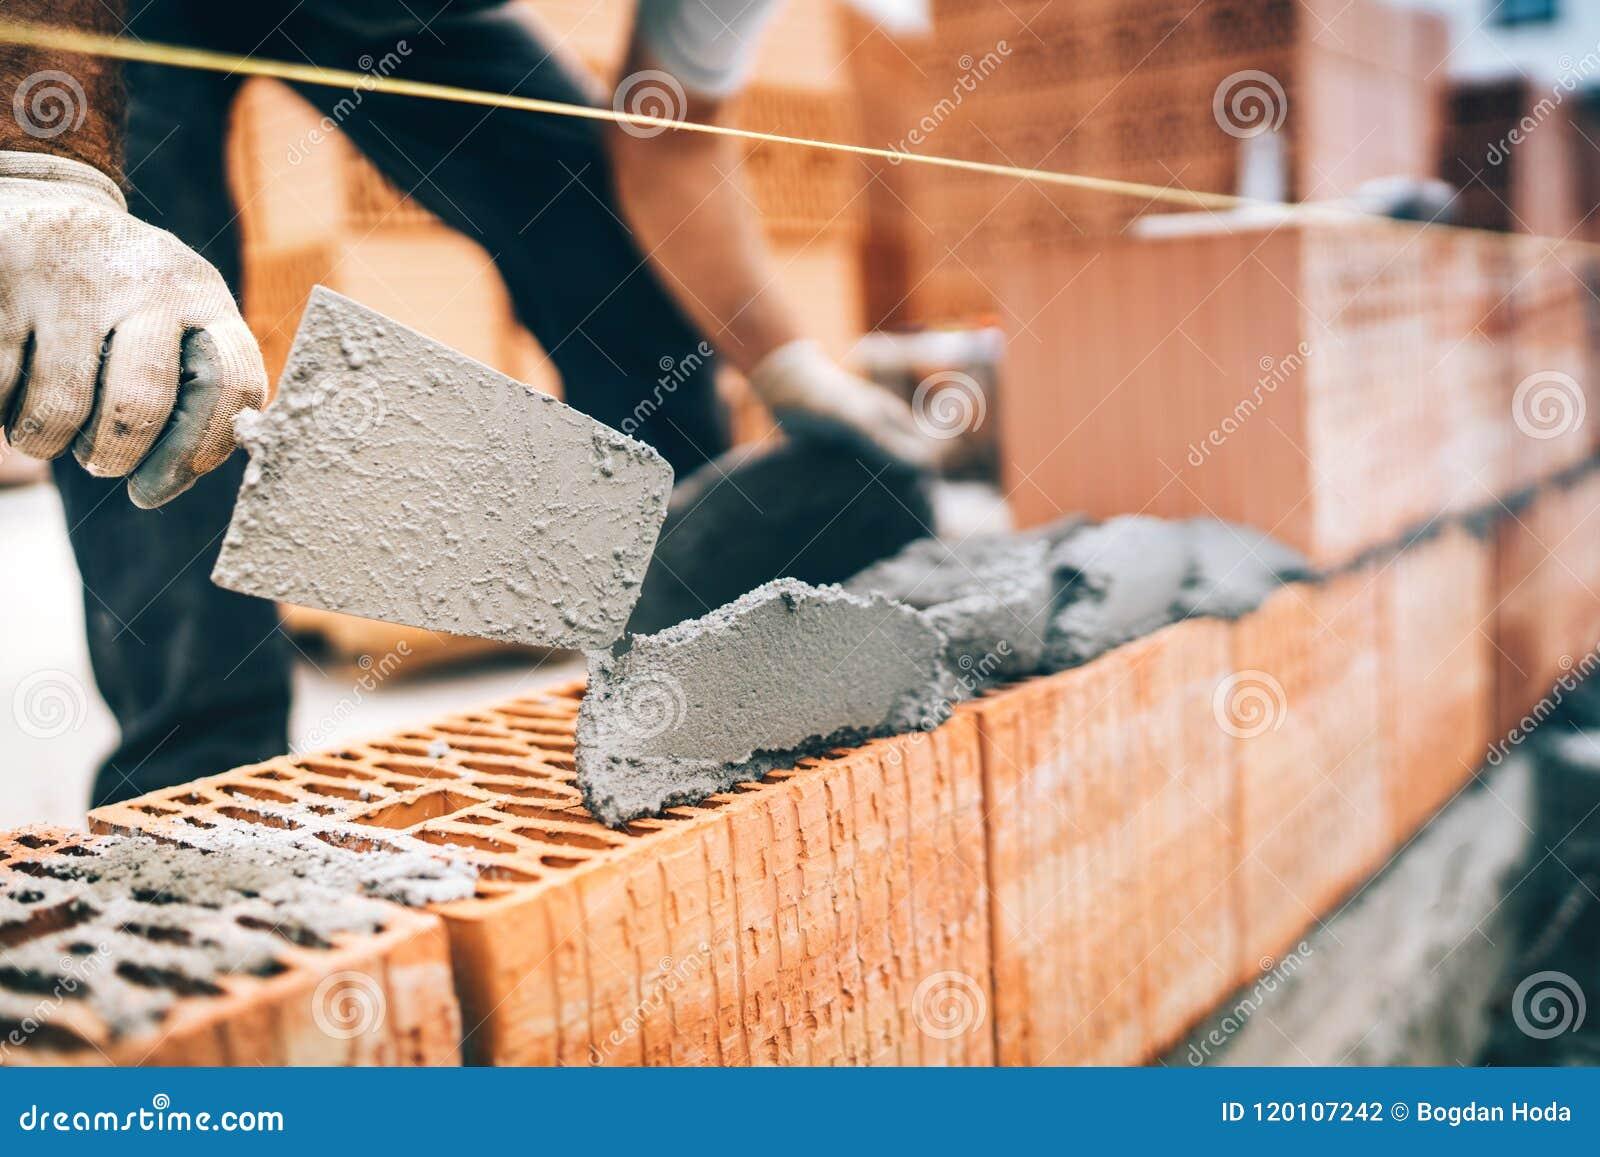 Detalles del trabajador de construcción, engranaje protector y paleta con las paredes de ladrillo del edificio del mortero